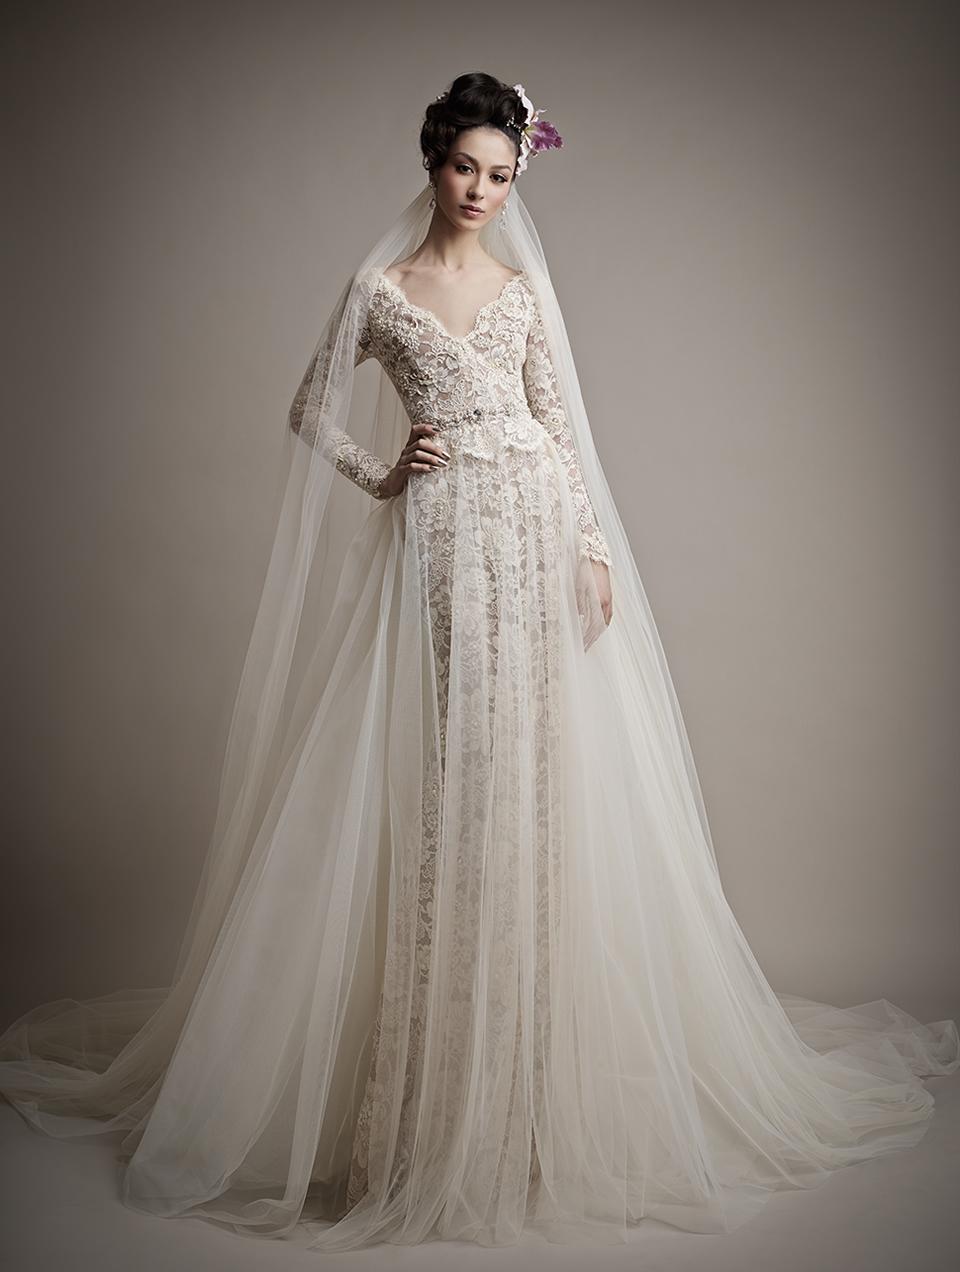 Коллекция свадебных платьев 2015 года от Ersa Atelier4